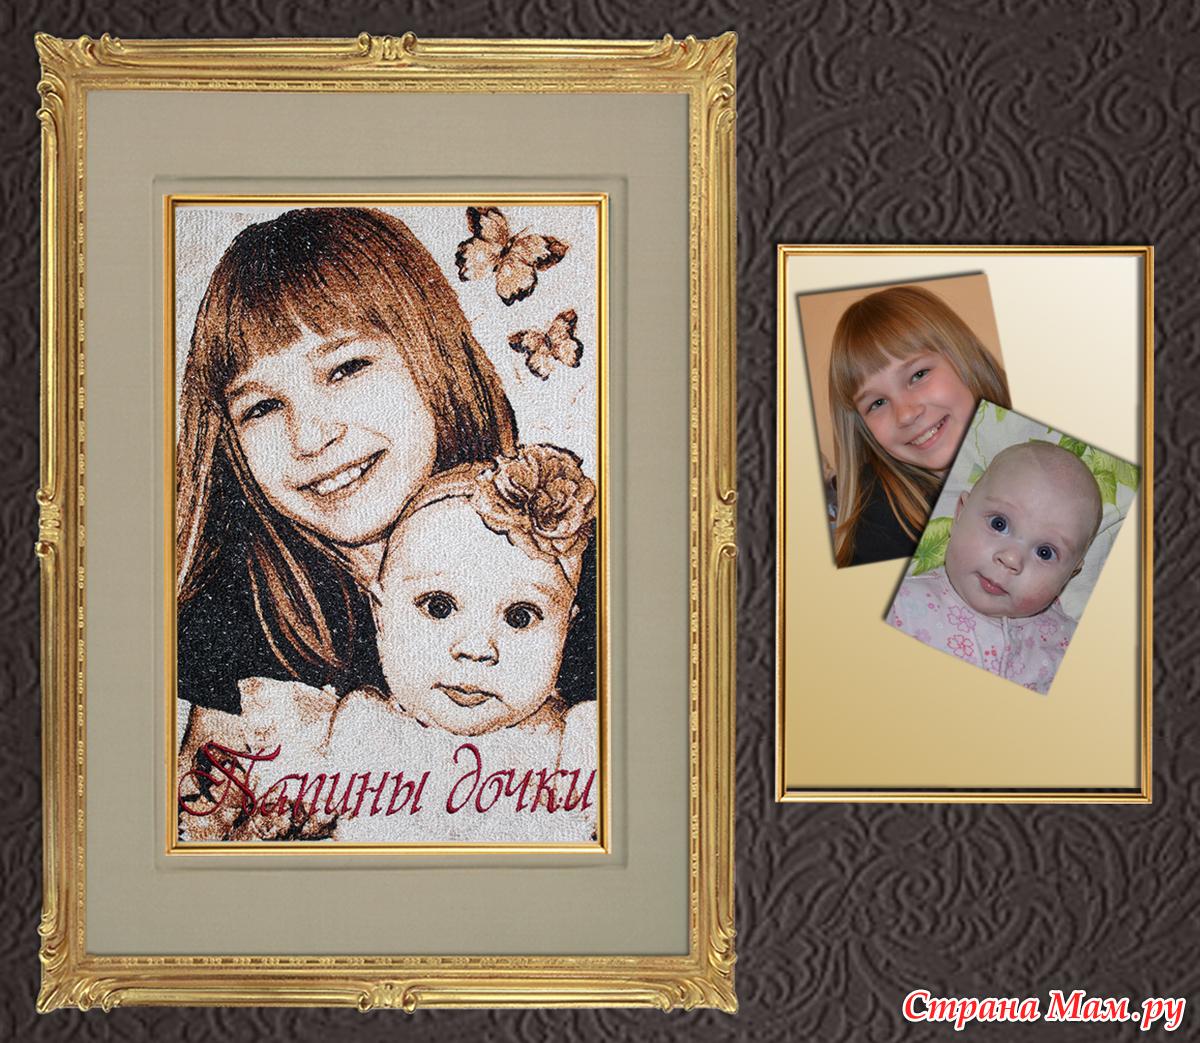 Вышивка крестиком портрет по фото